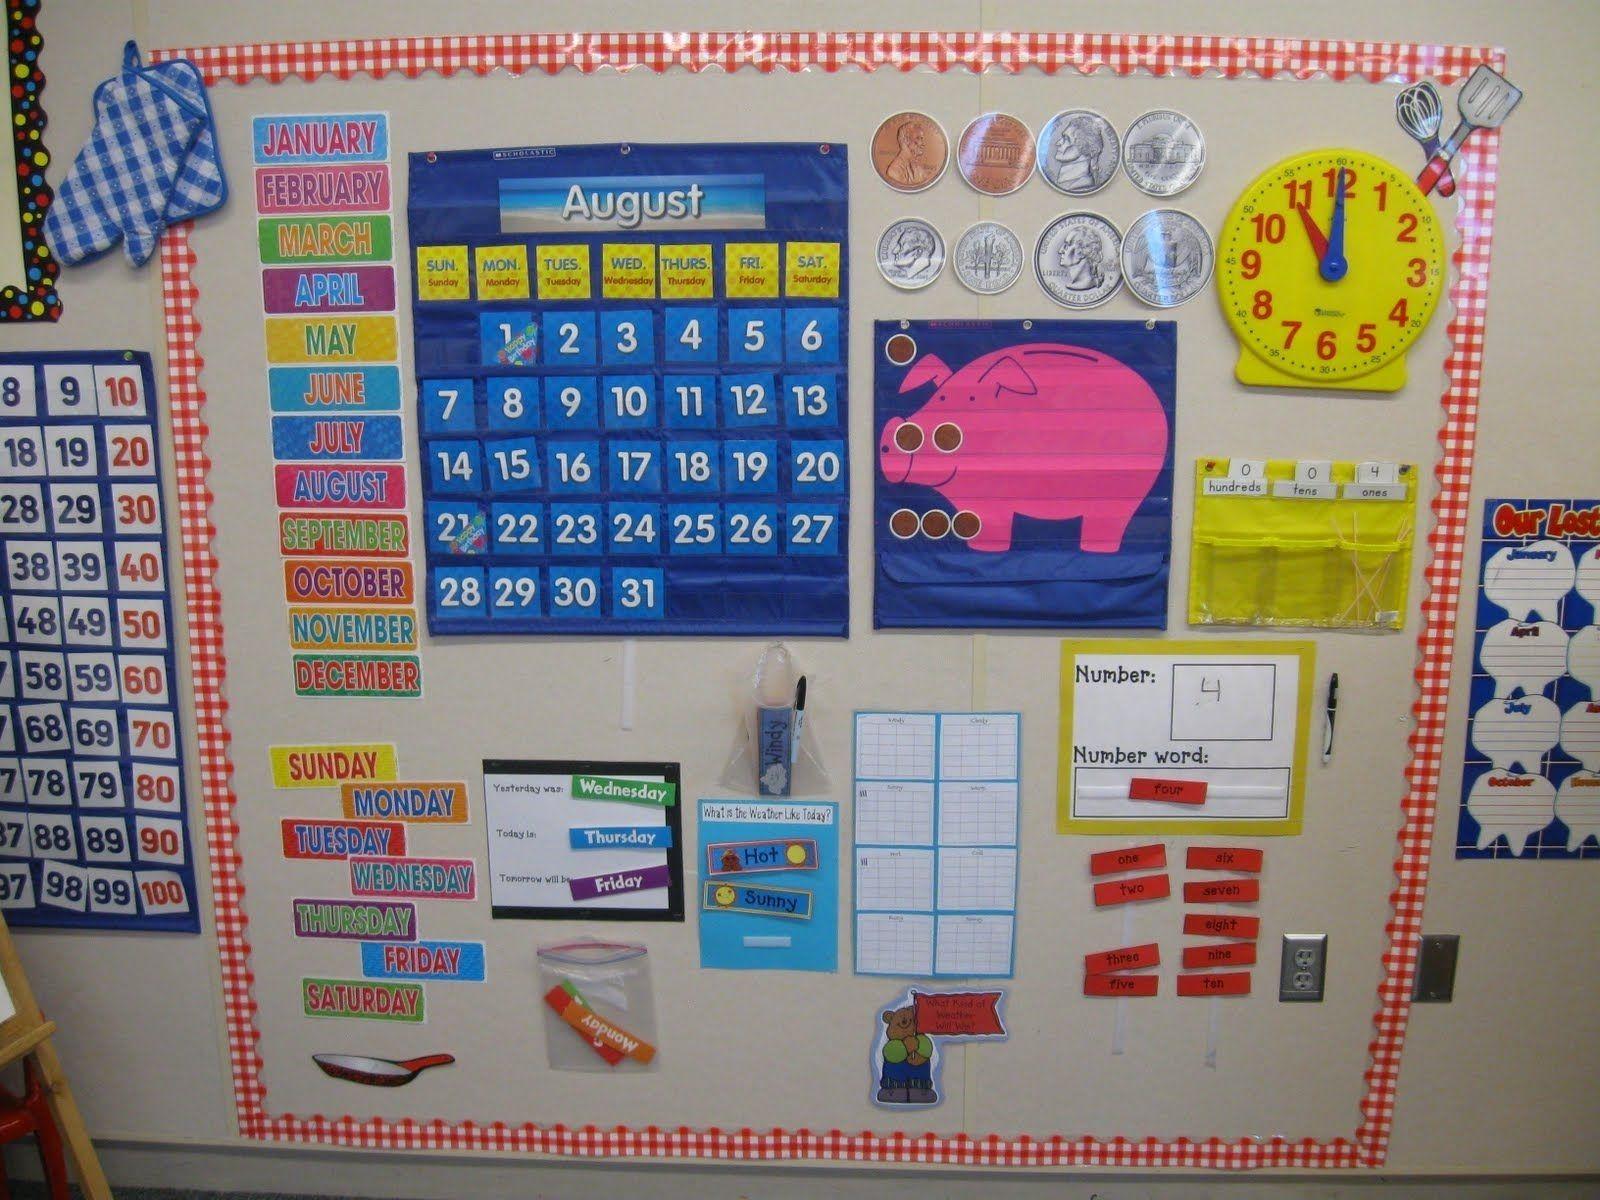 Year 4 Calendar Ideas In 2020 | Calendar Math, First Grade